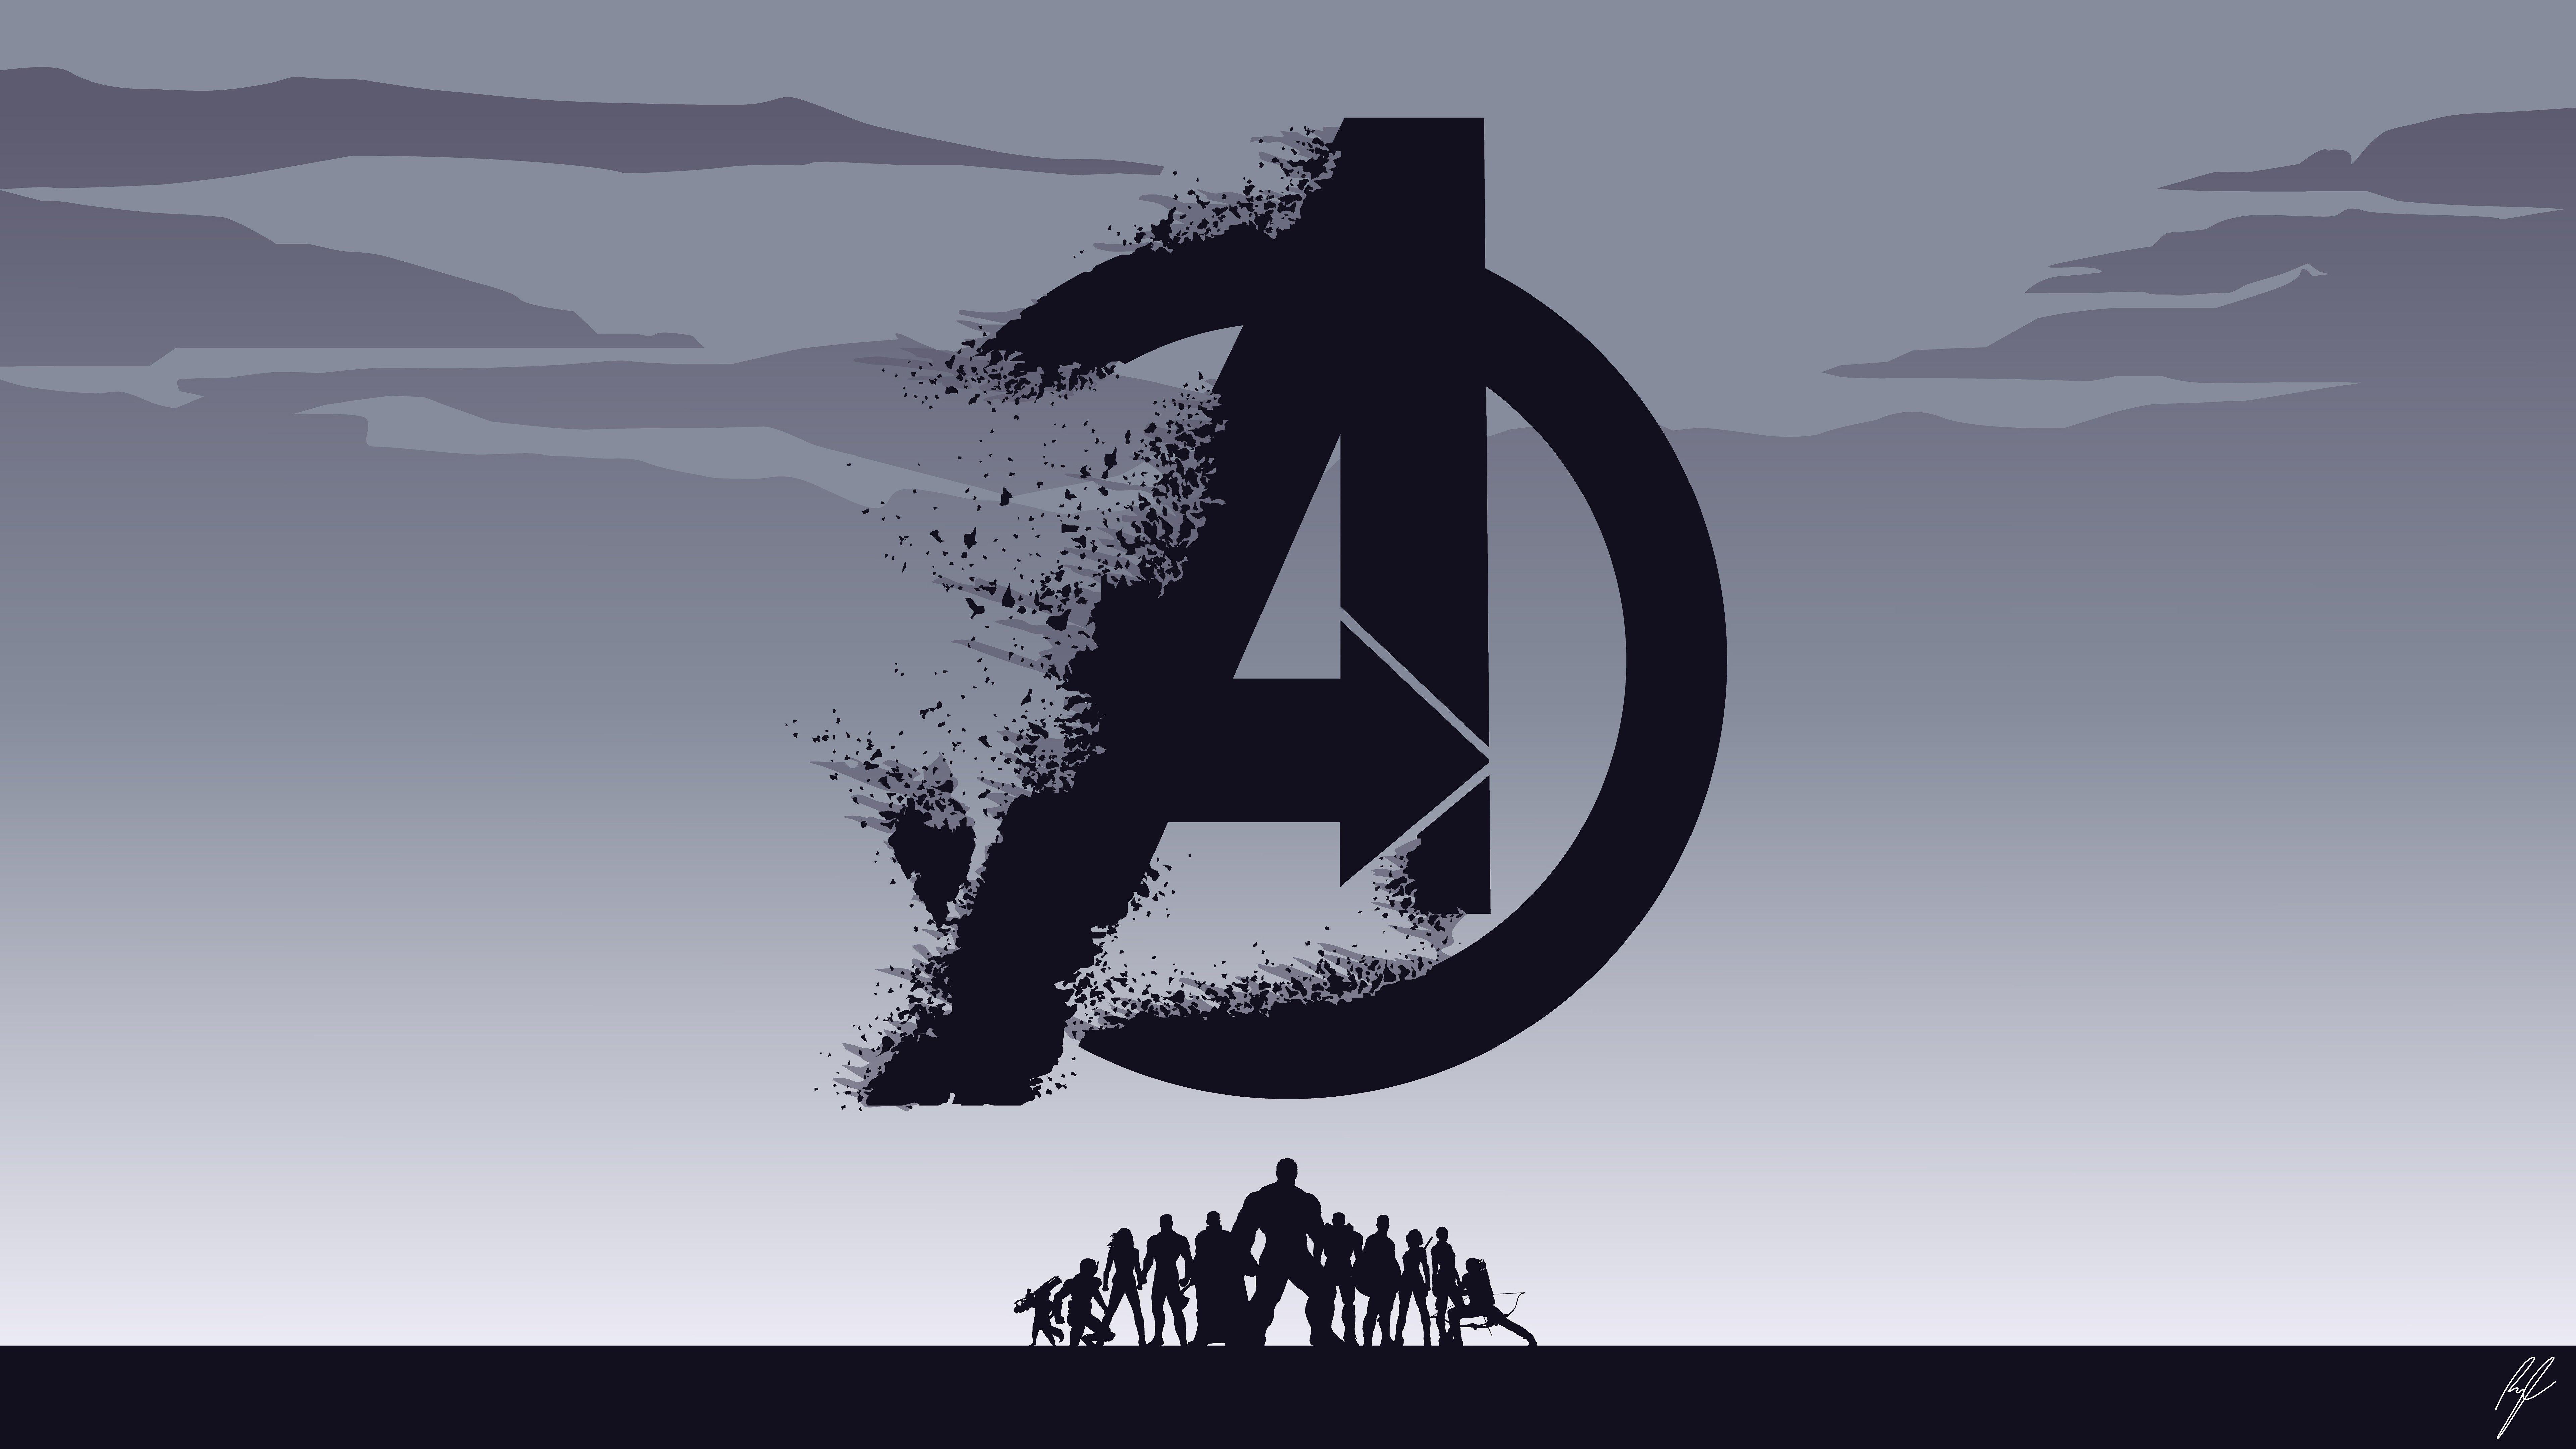 Fondos de pantalla Logo Avengers Endgame